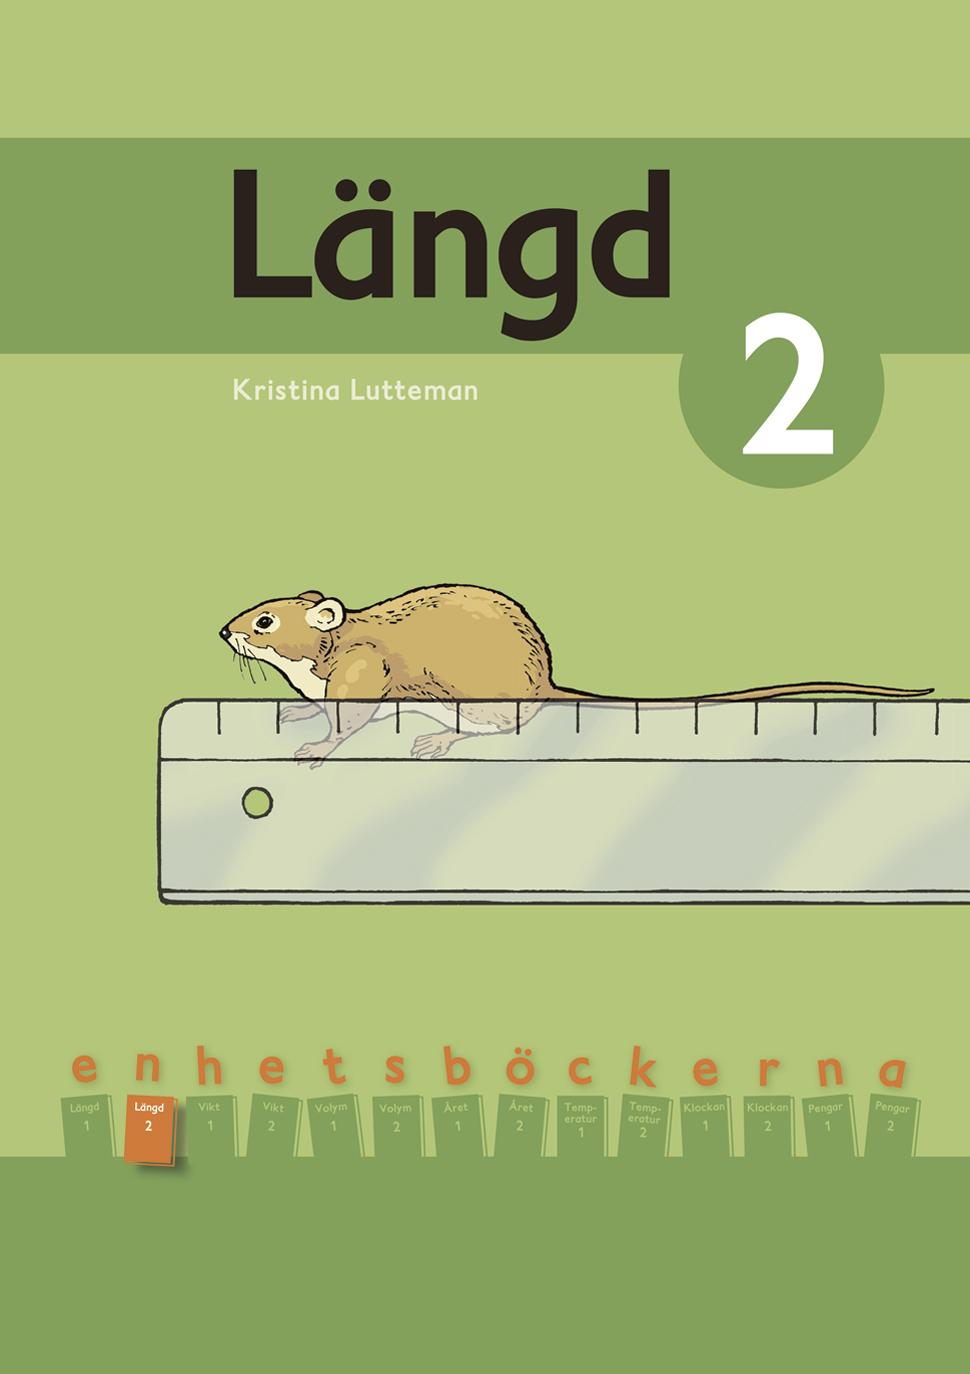 Linjal som används för att mäta längd på en mus.